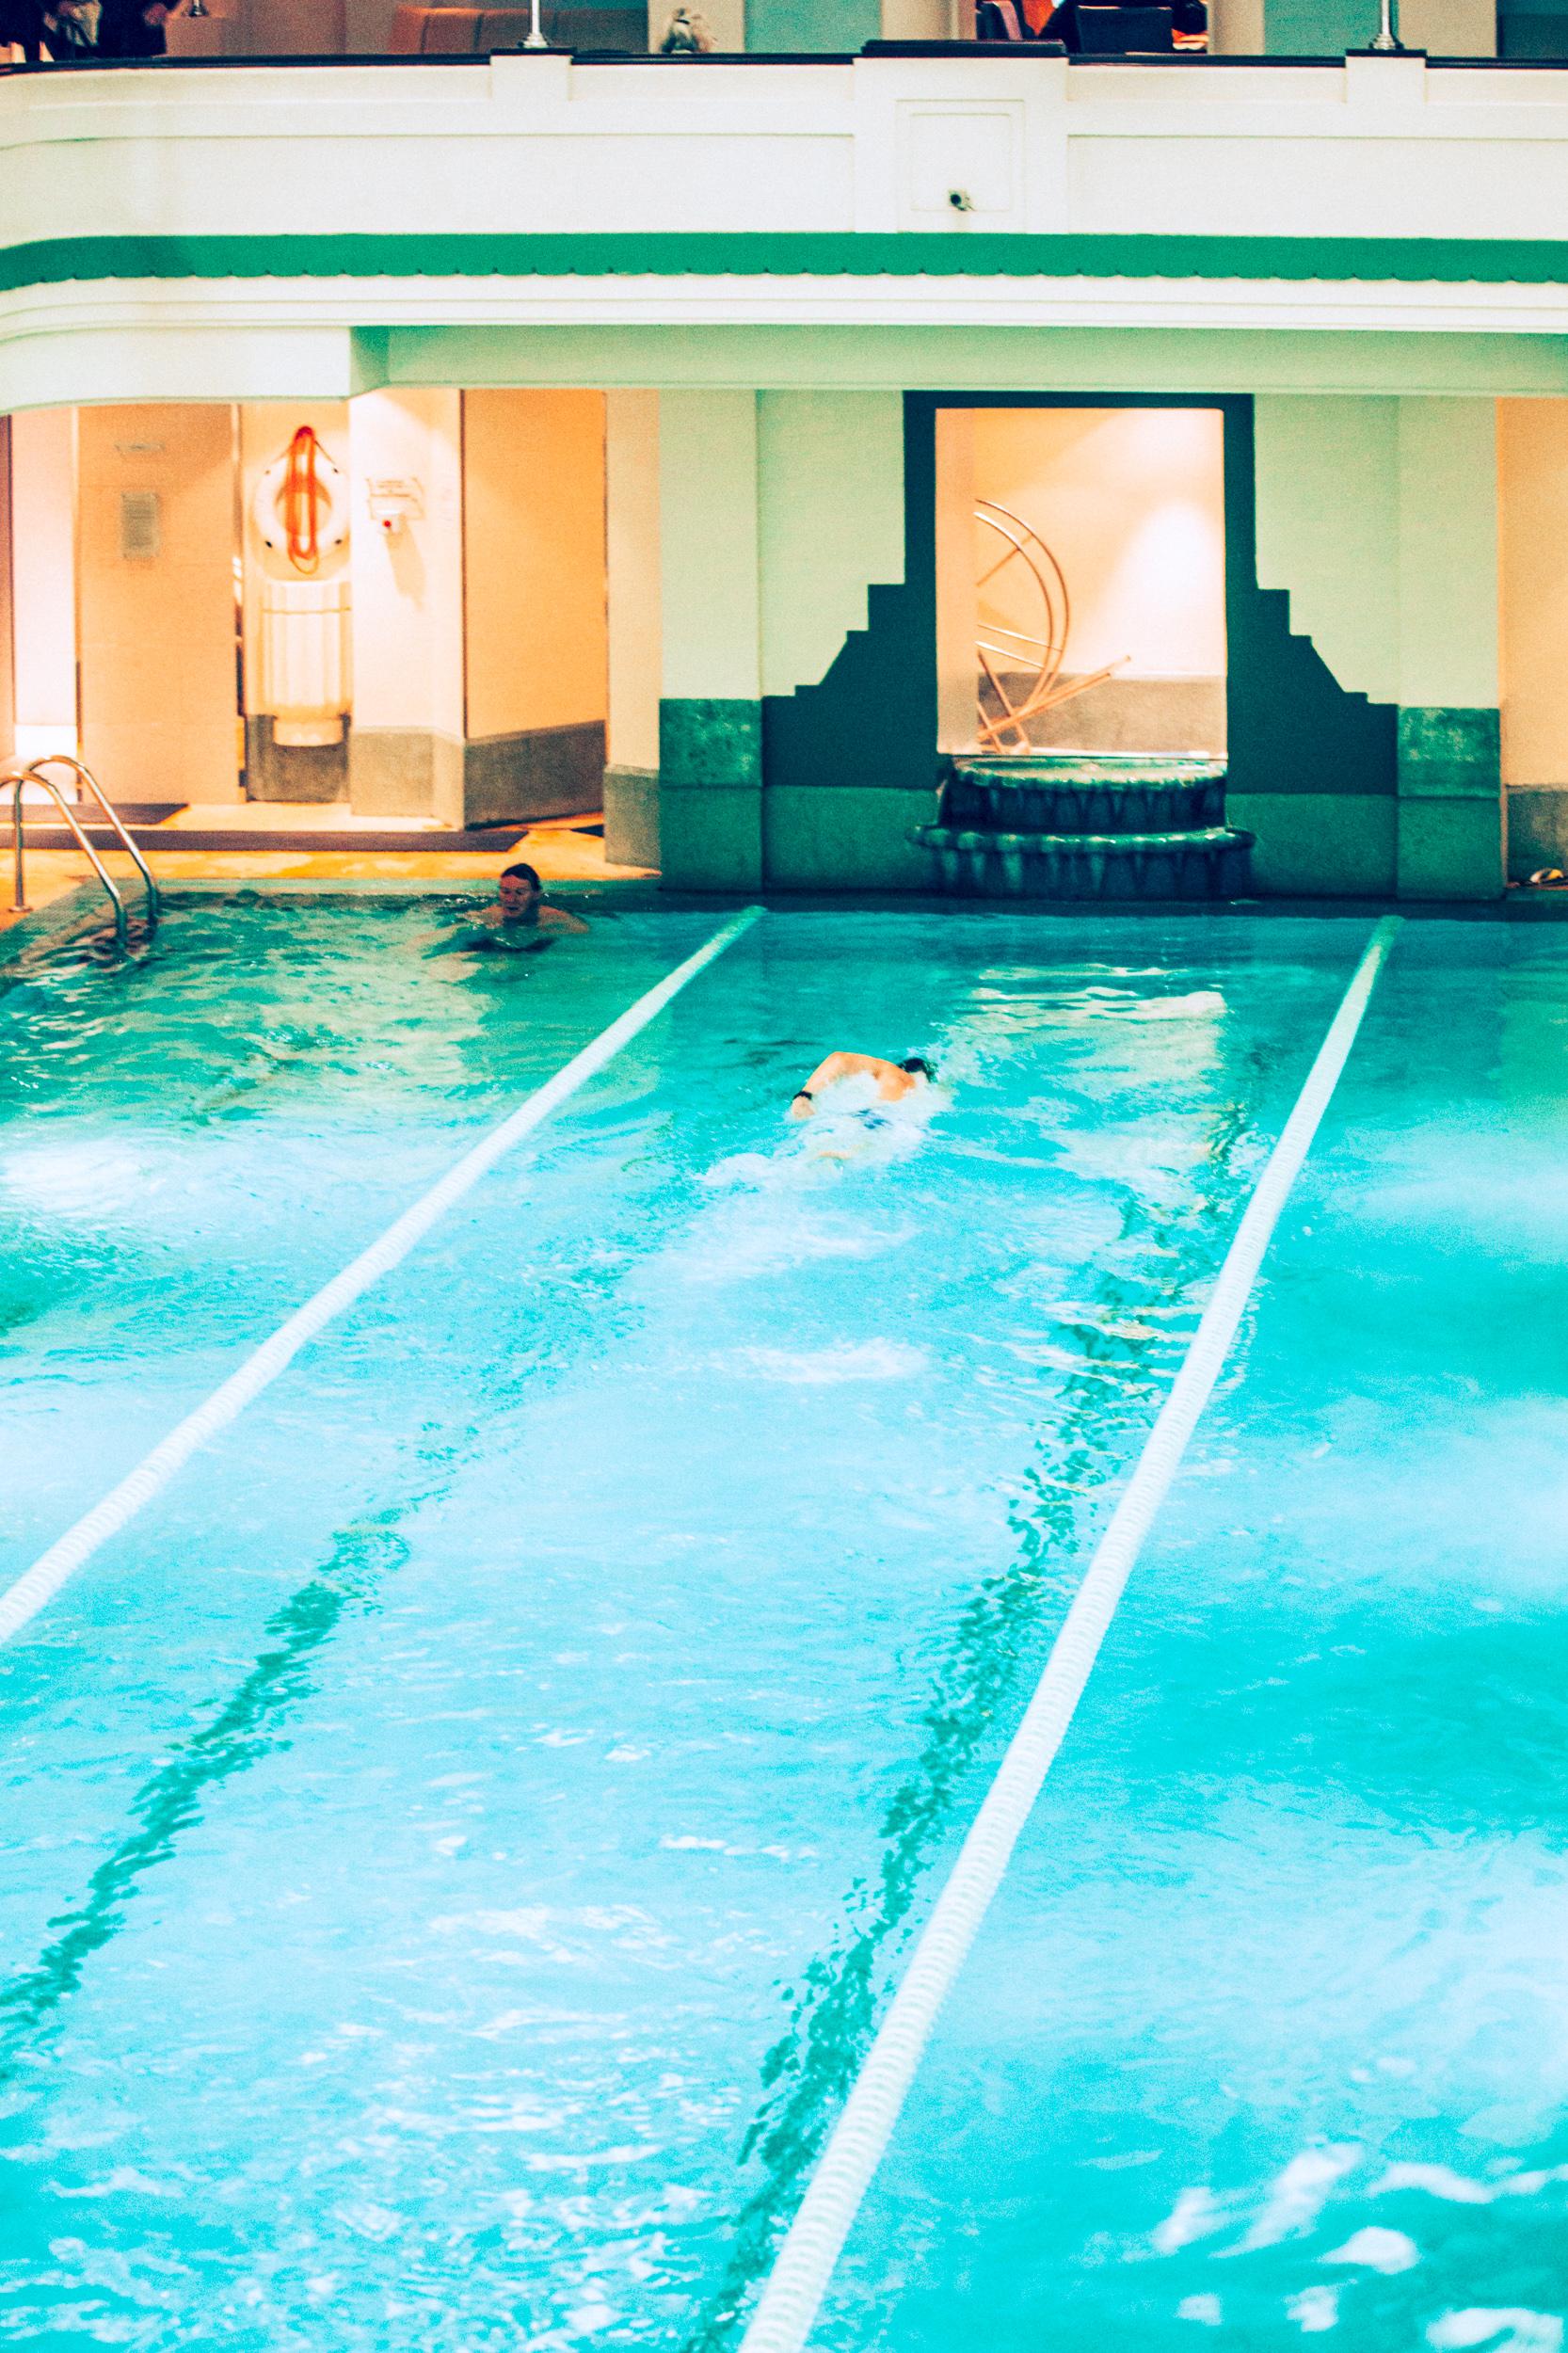 Swimming analysis